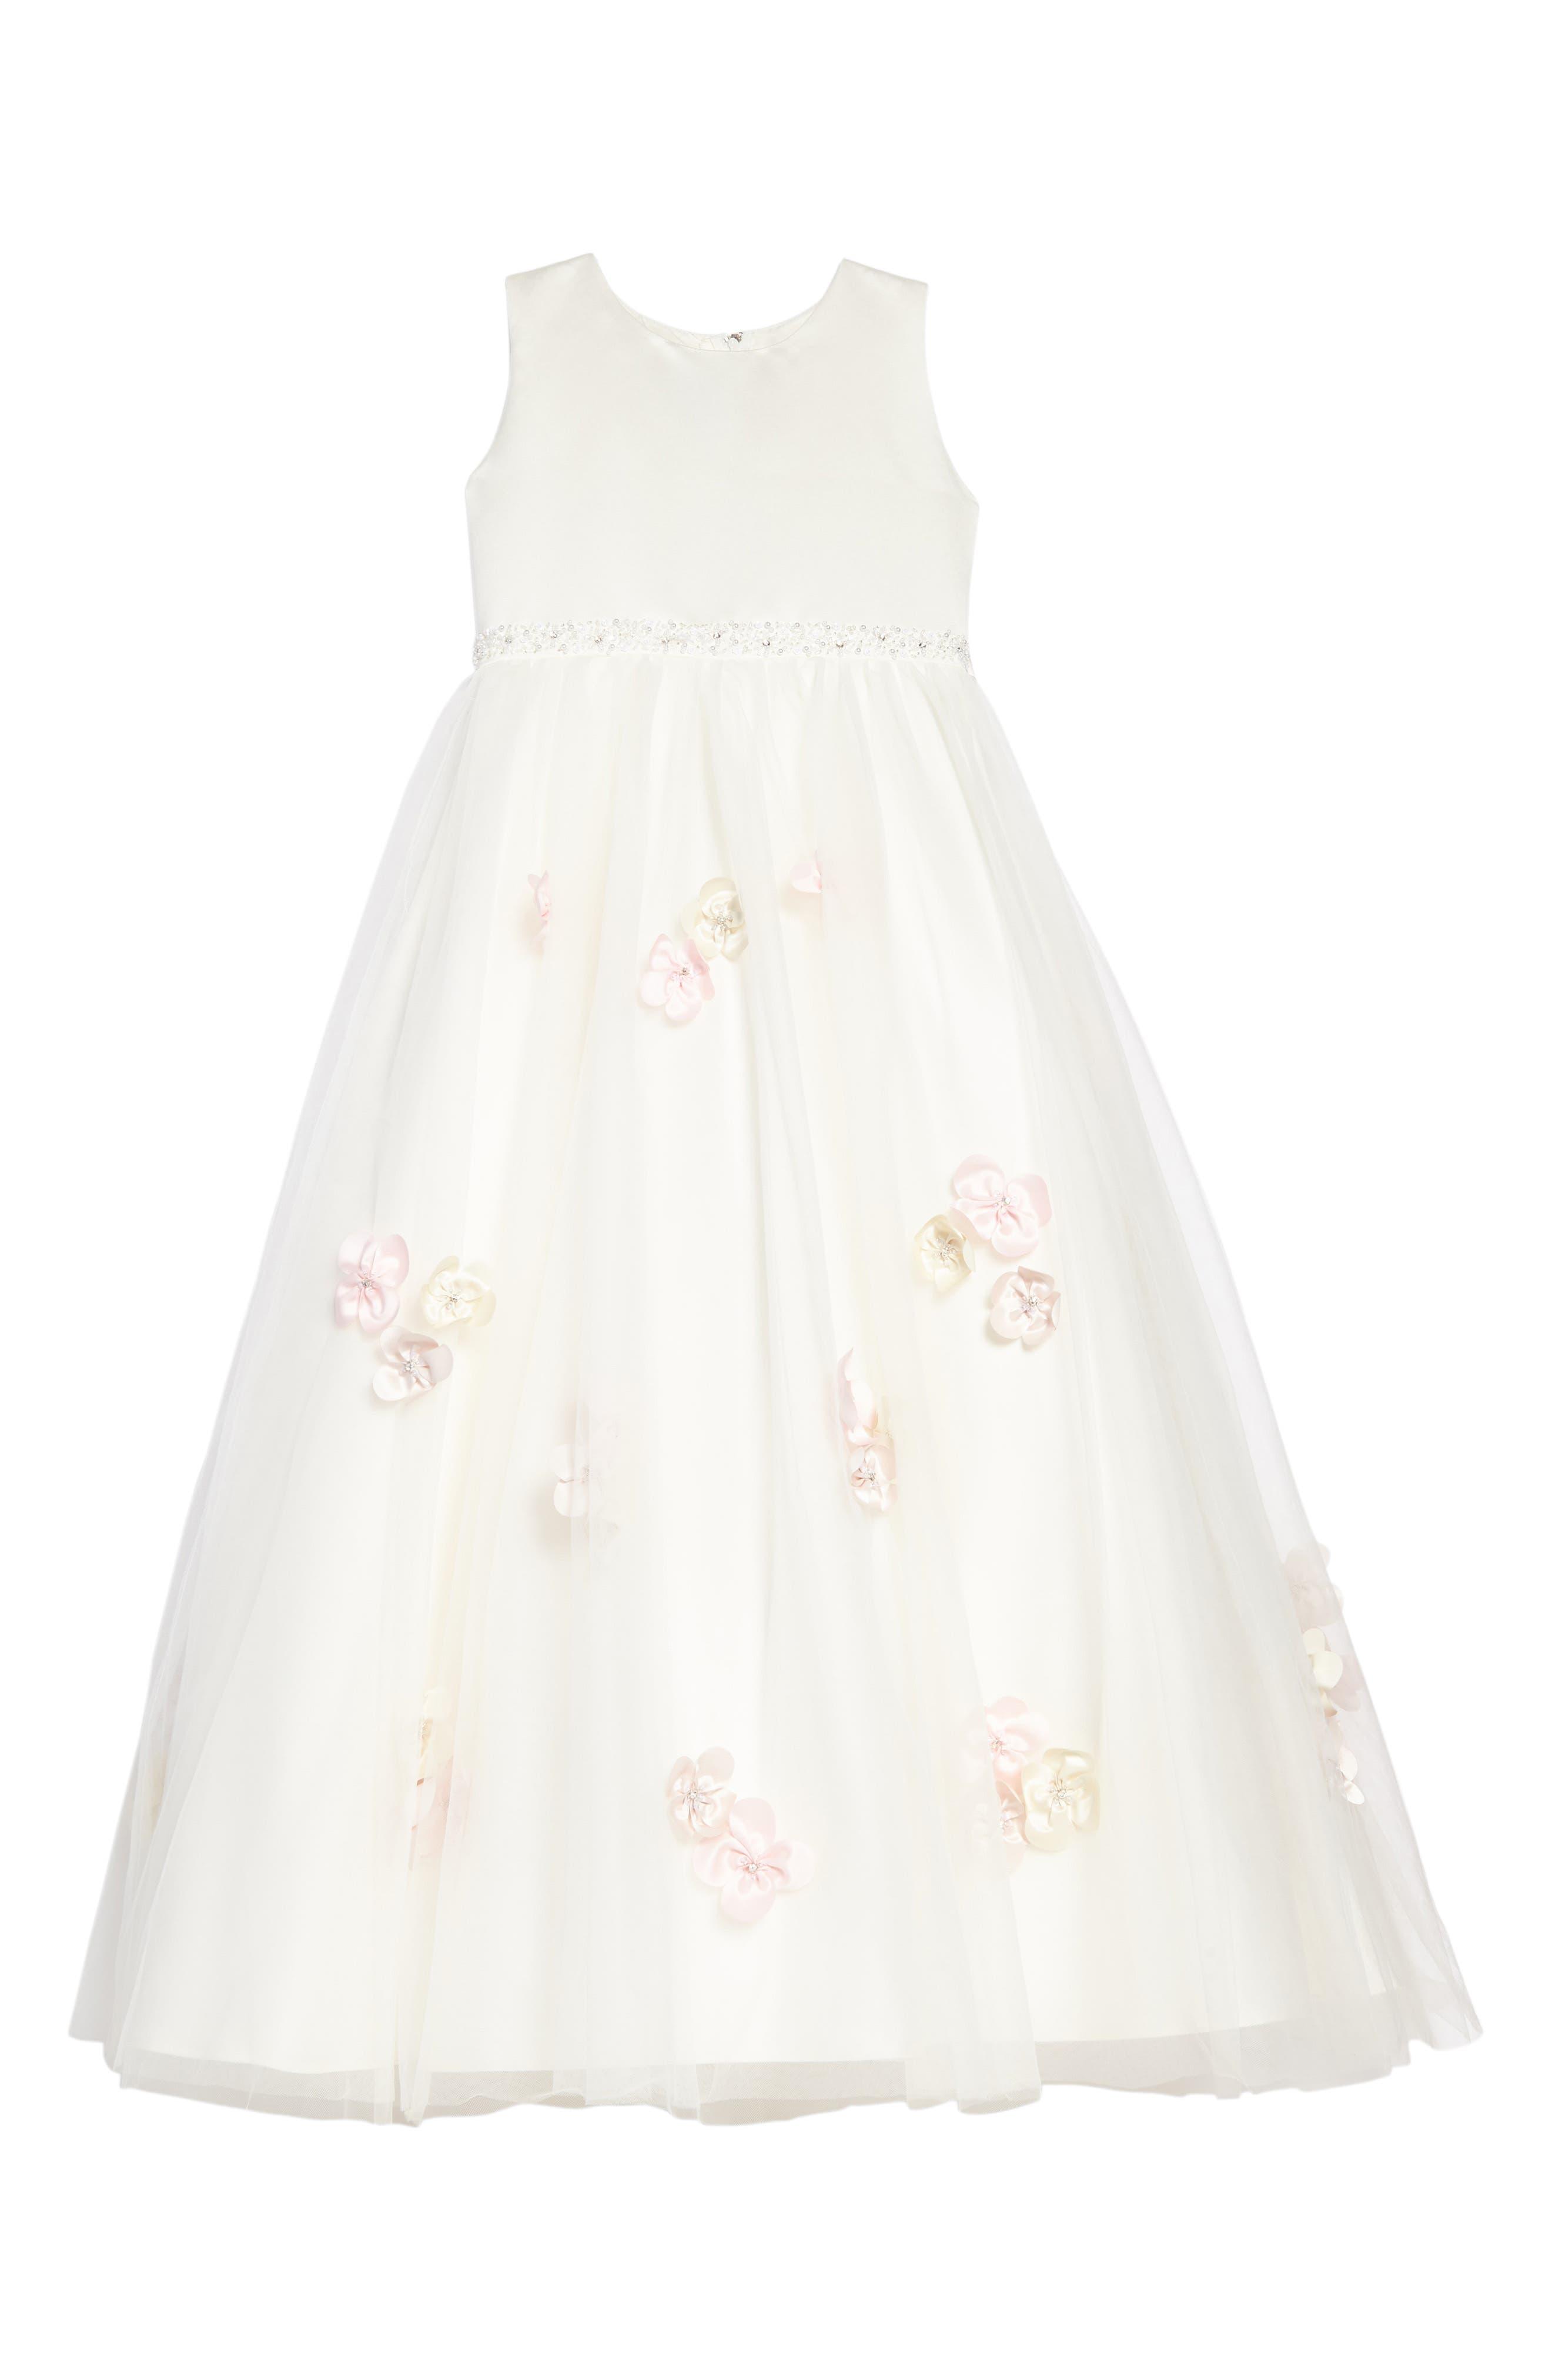 Joan Calabrese for Mon Cheri Beaded Satin & Tulle Dress (Toddler Girls, Little Girls & Big Girls)